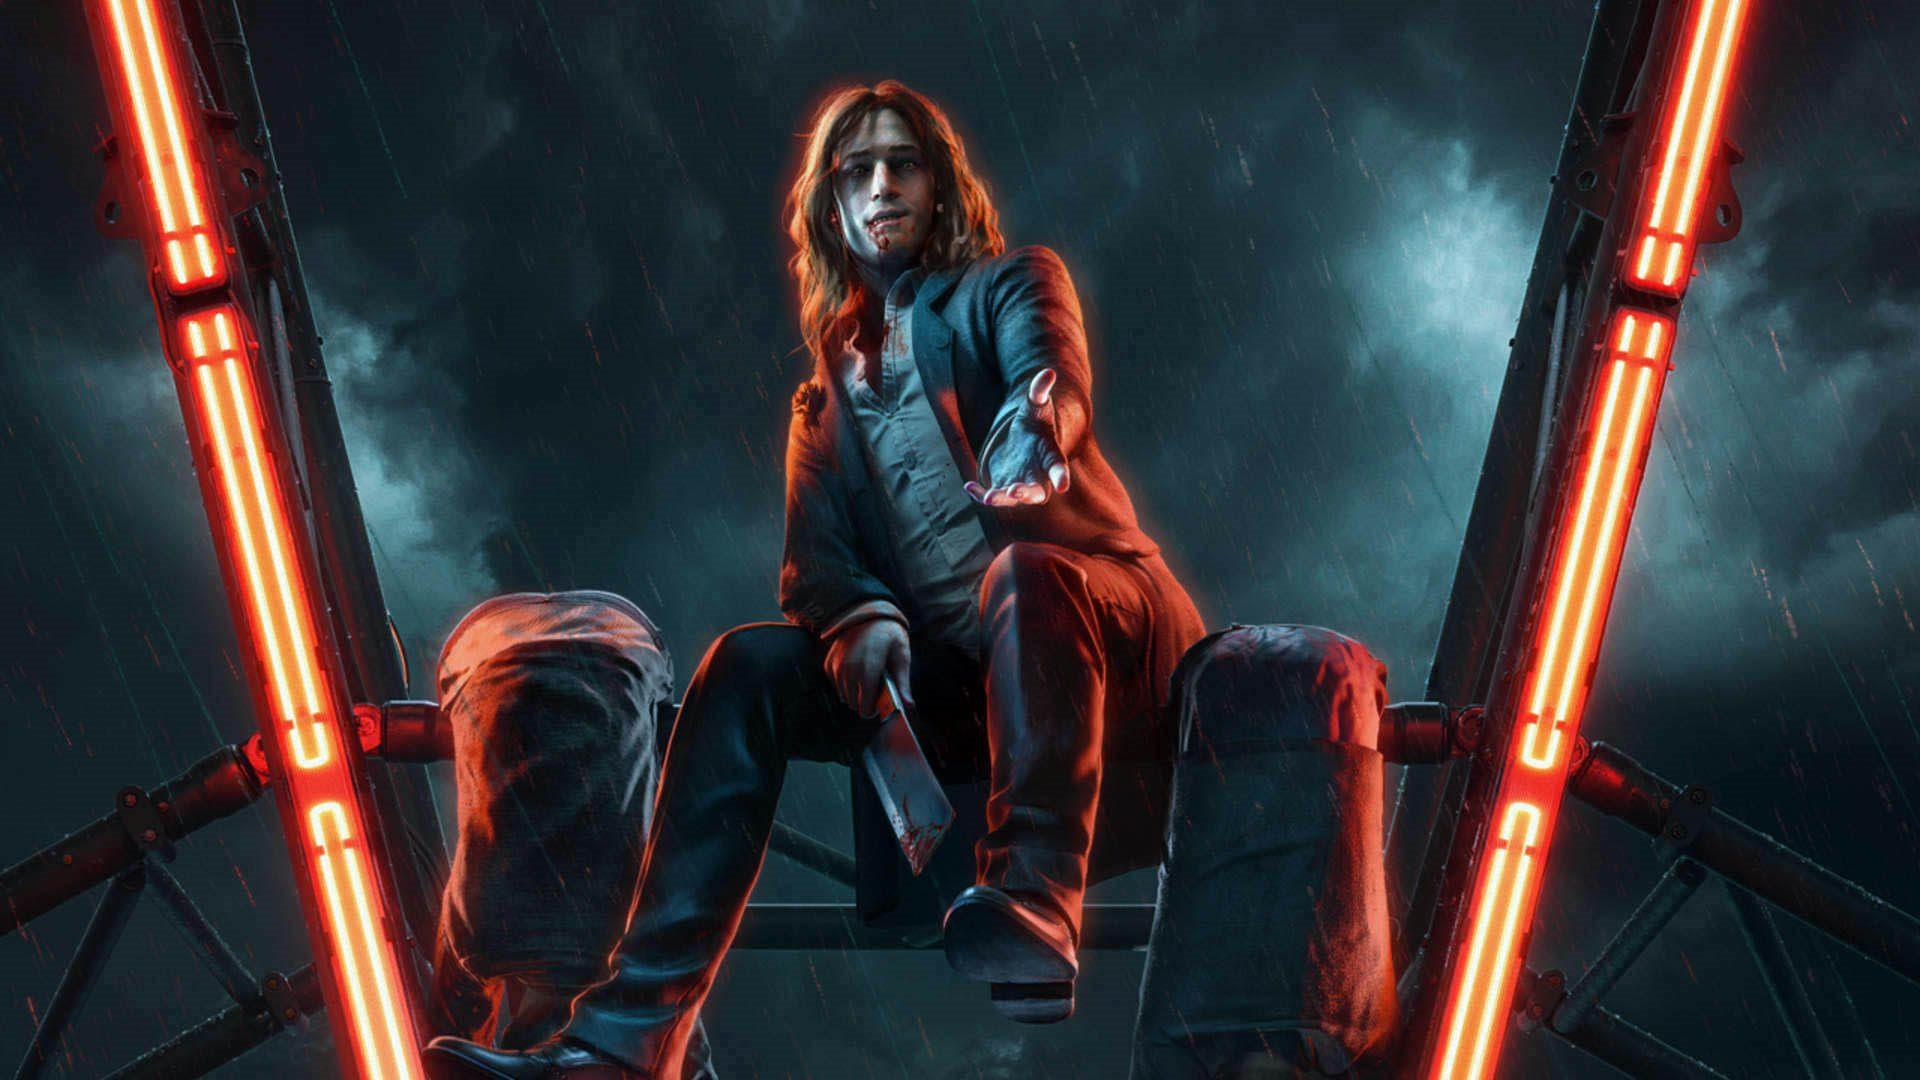 تغییر استودیوی سازنده بازی Vampire: The Masquerade Bloodlines 2